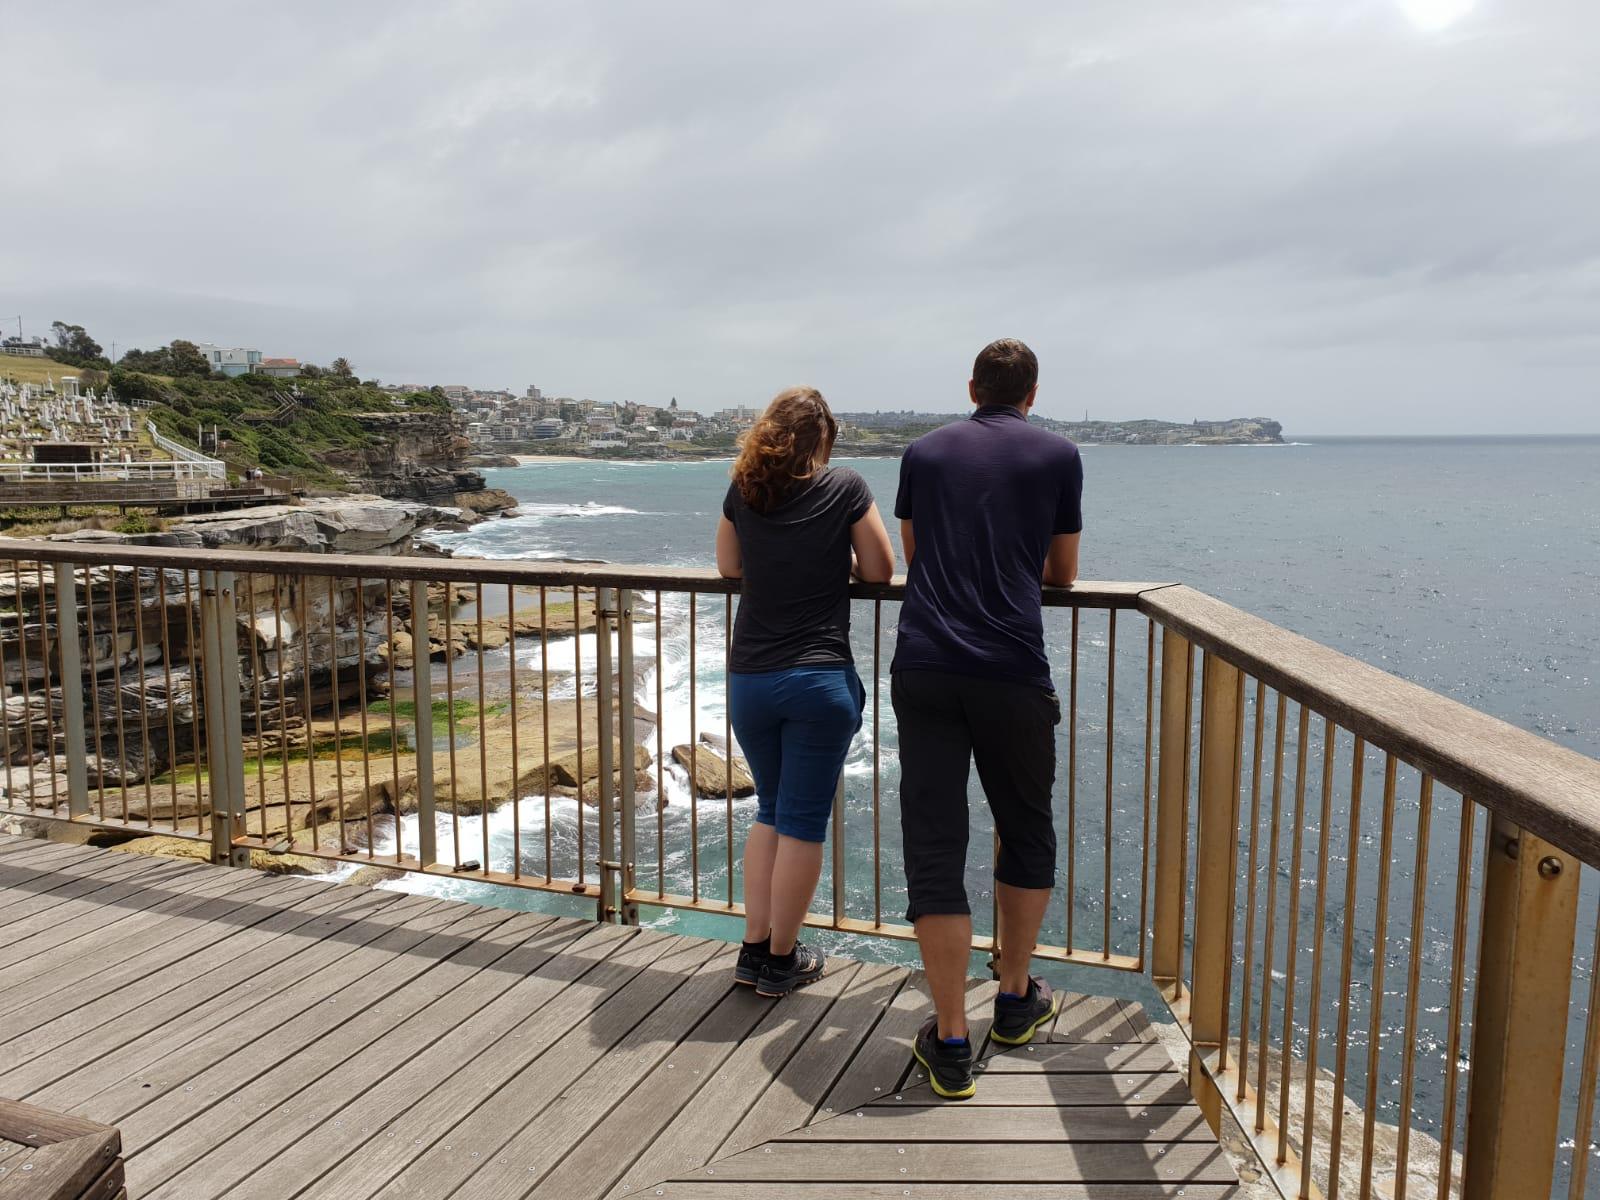 Wanderung von Cogee Beach nach Bondi Beach...